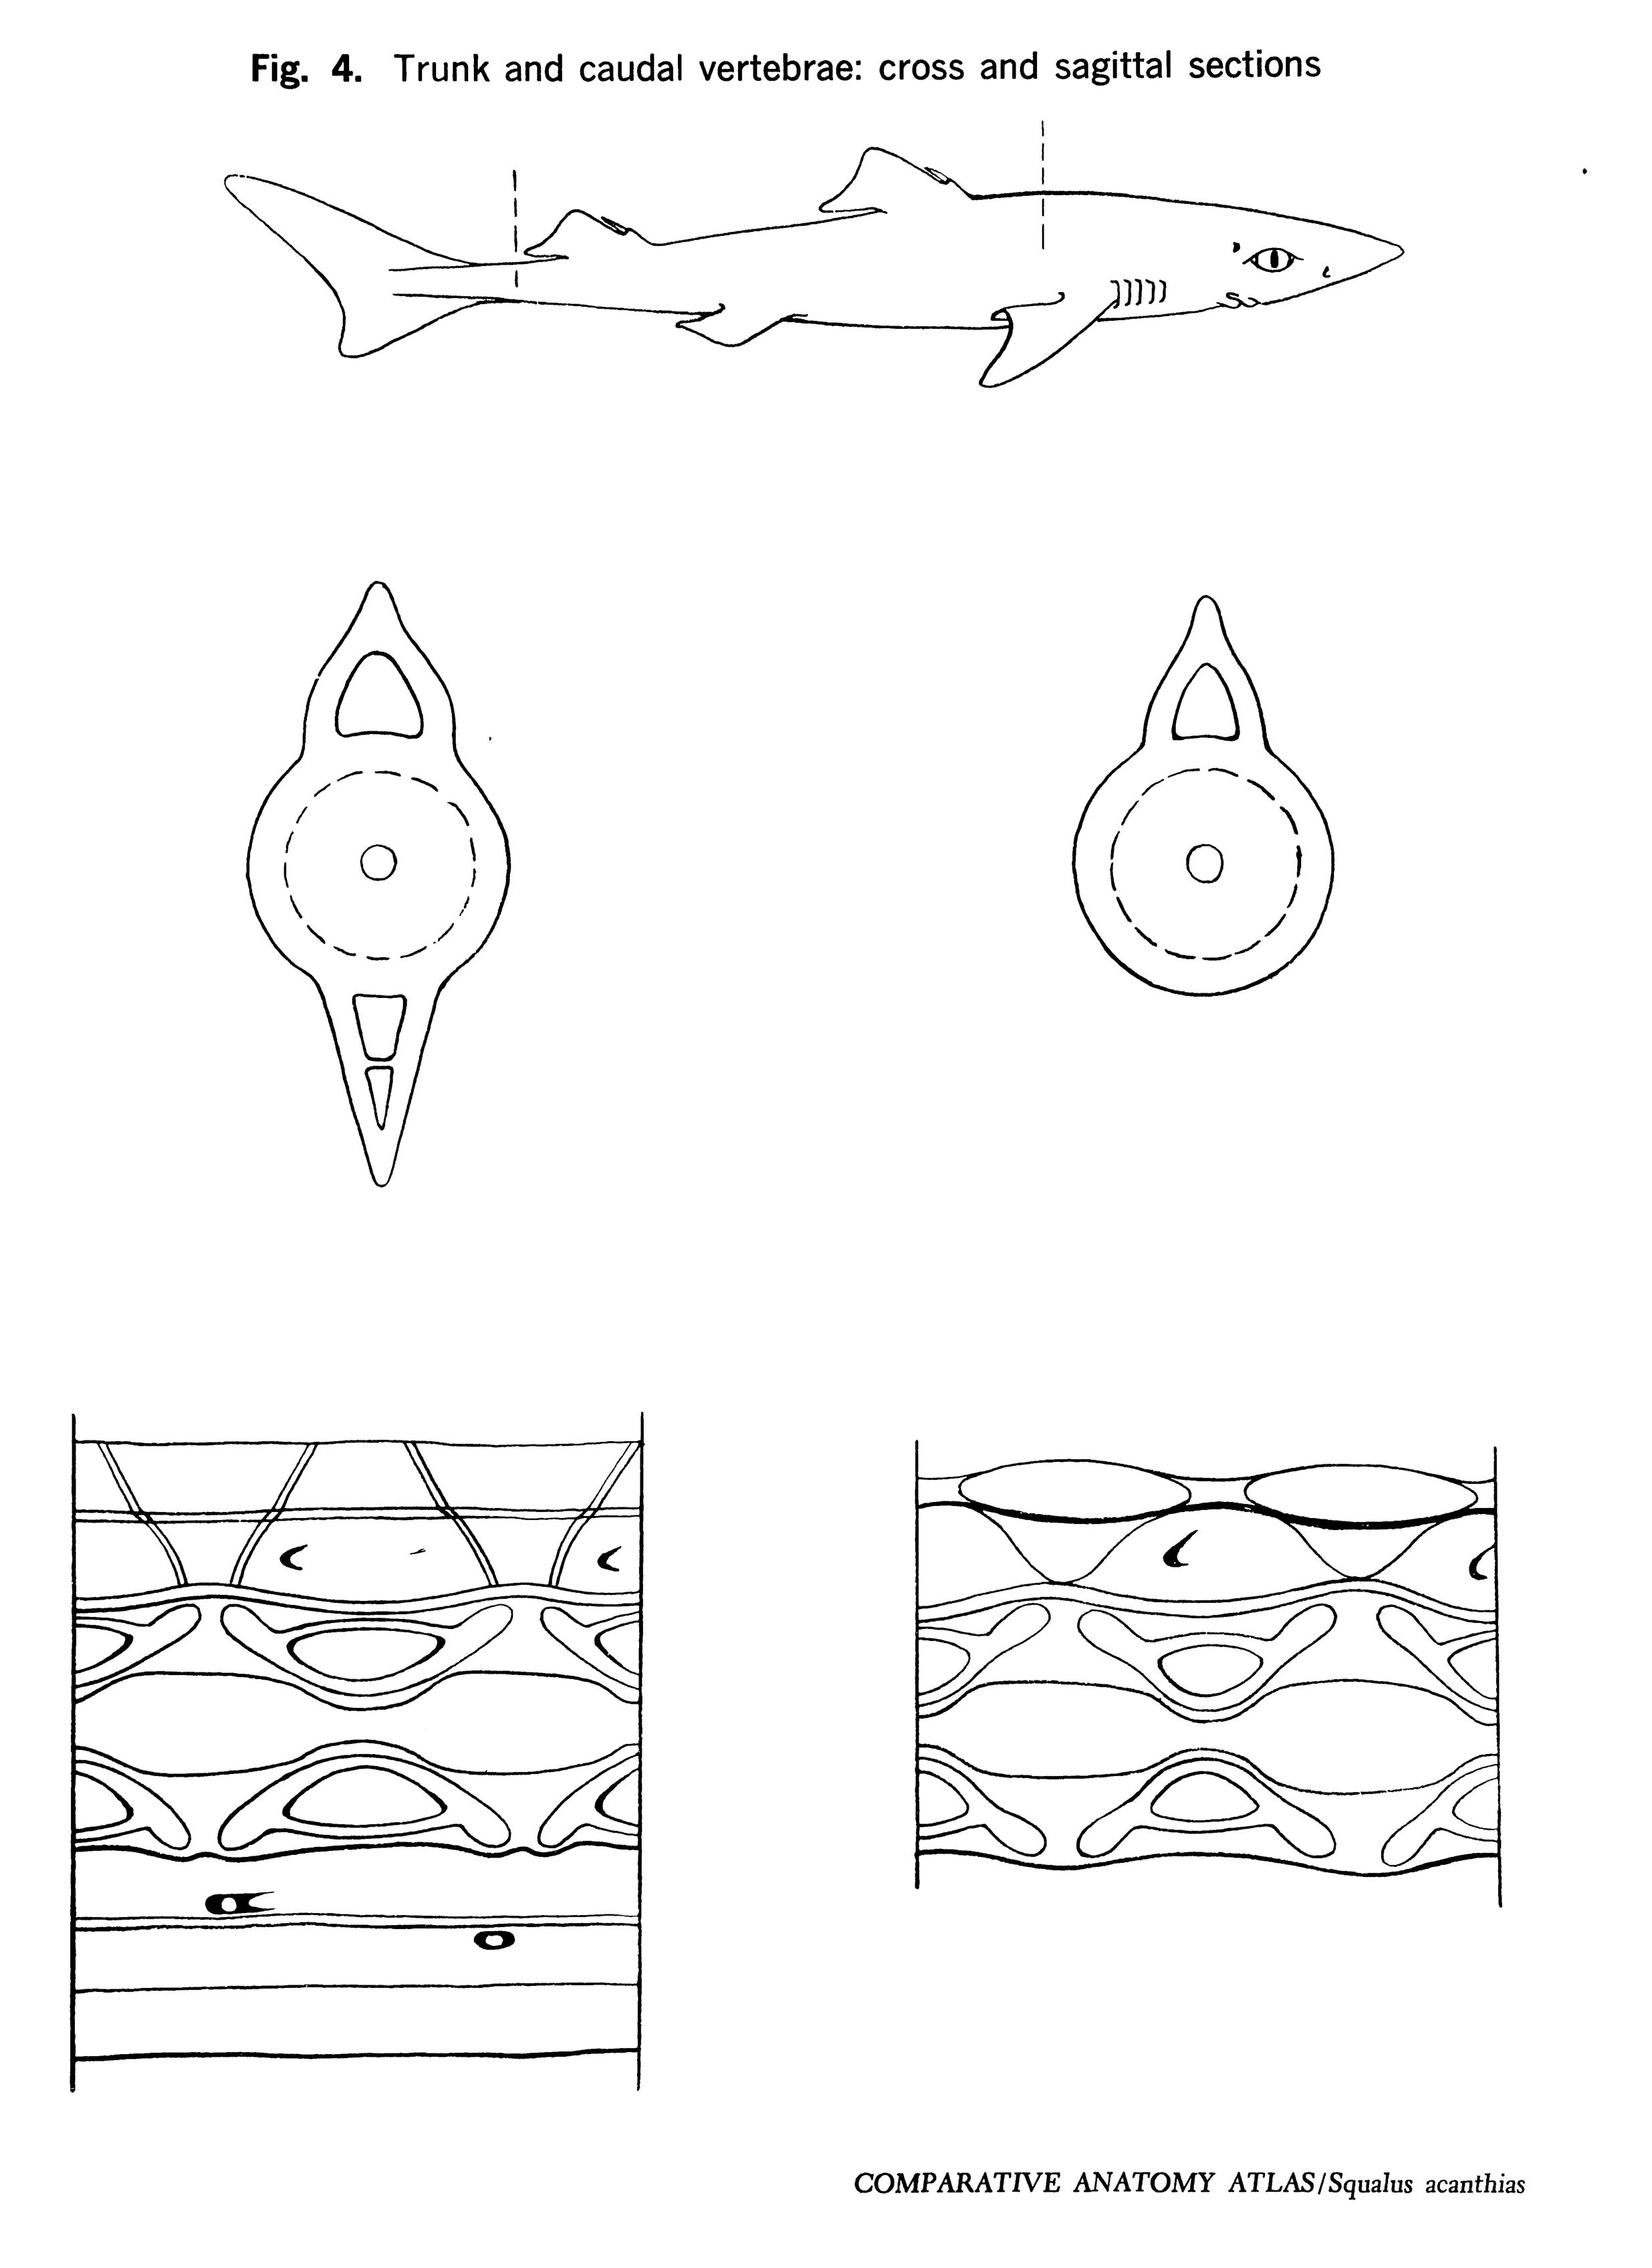 Squalus acantbias Figure 4